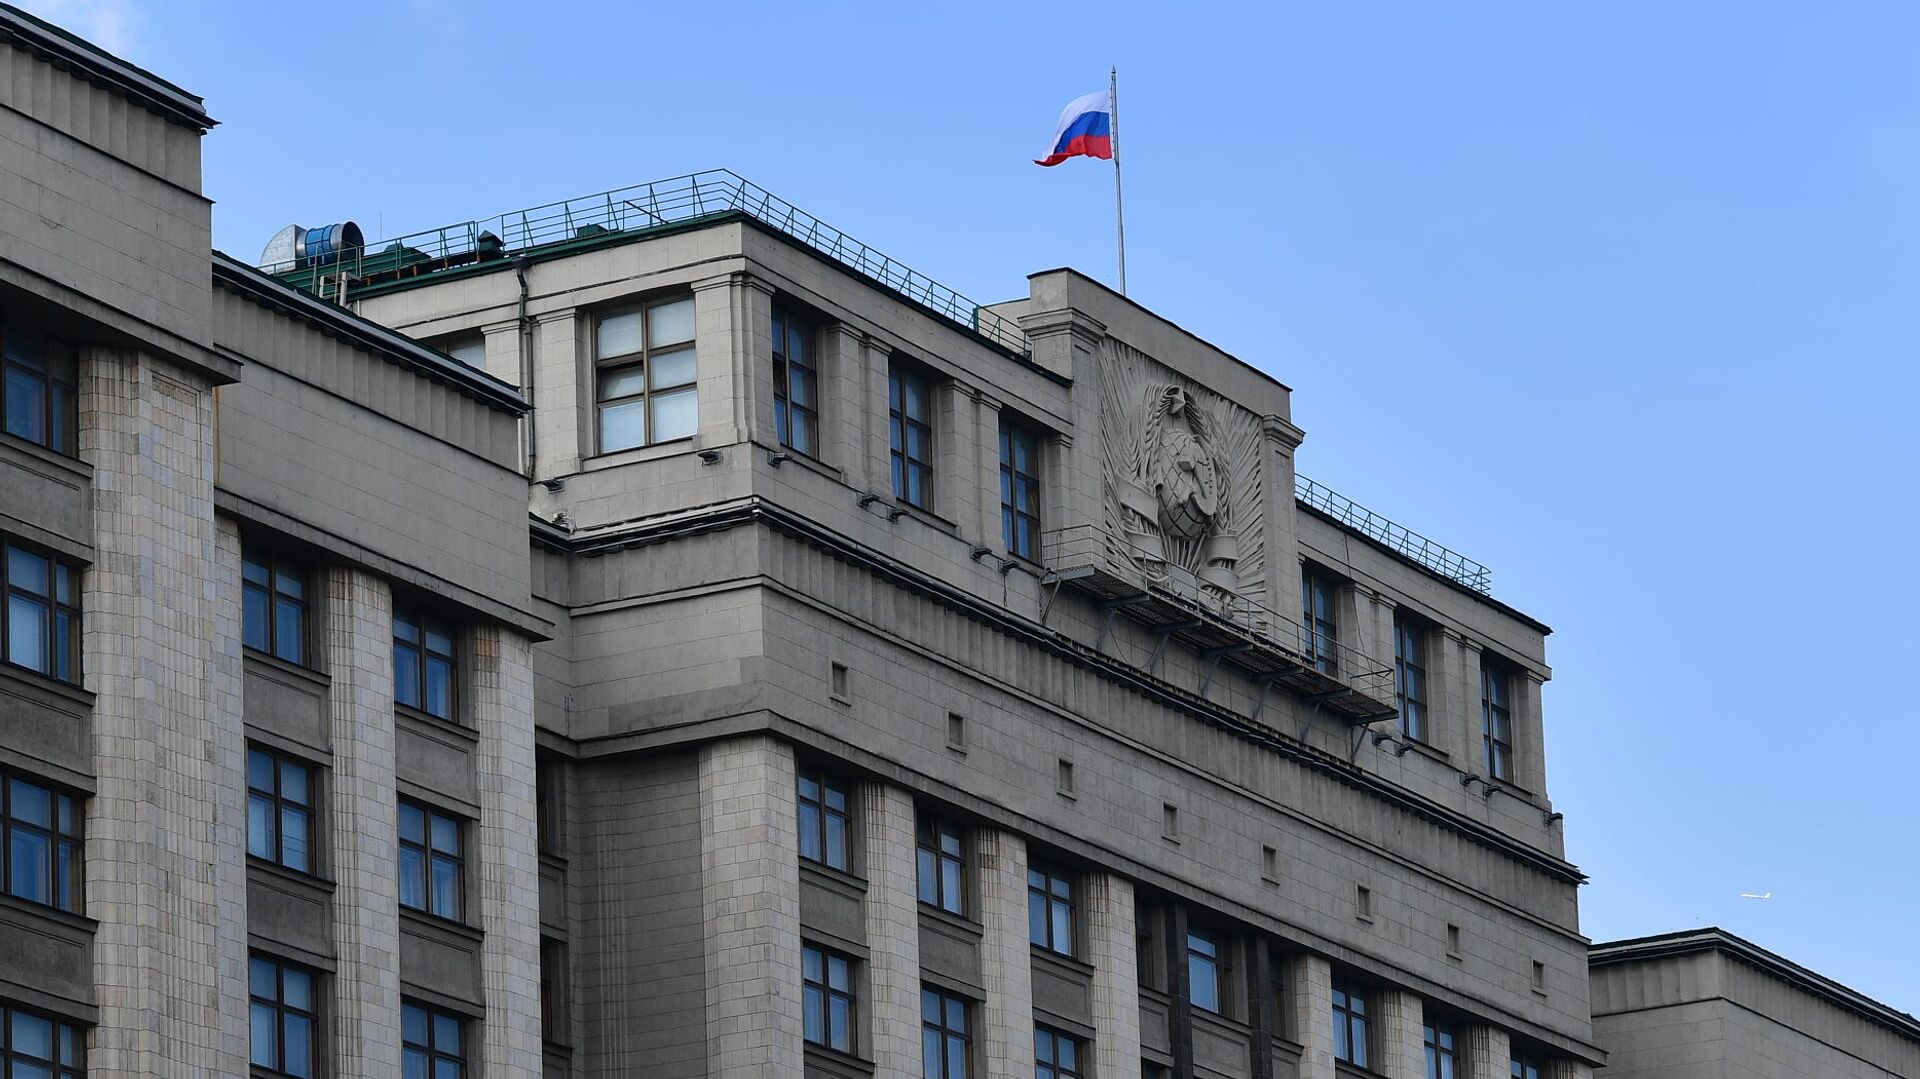 Явка на выборах в Госдуму будет не ниже, чем в 2016 году, заявила Памфилова